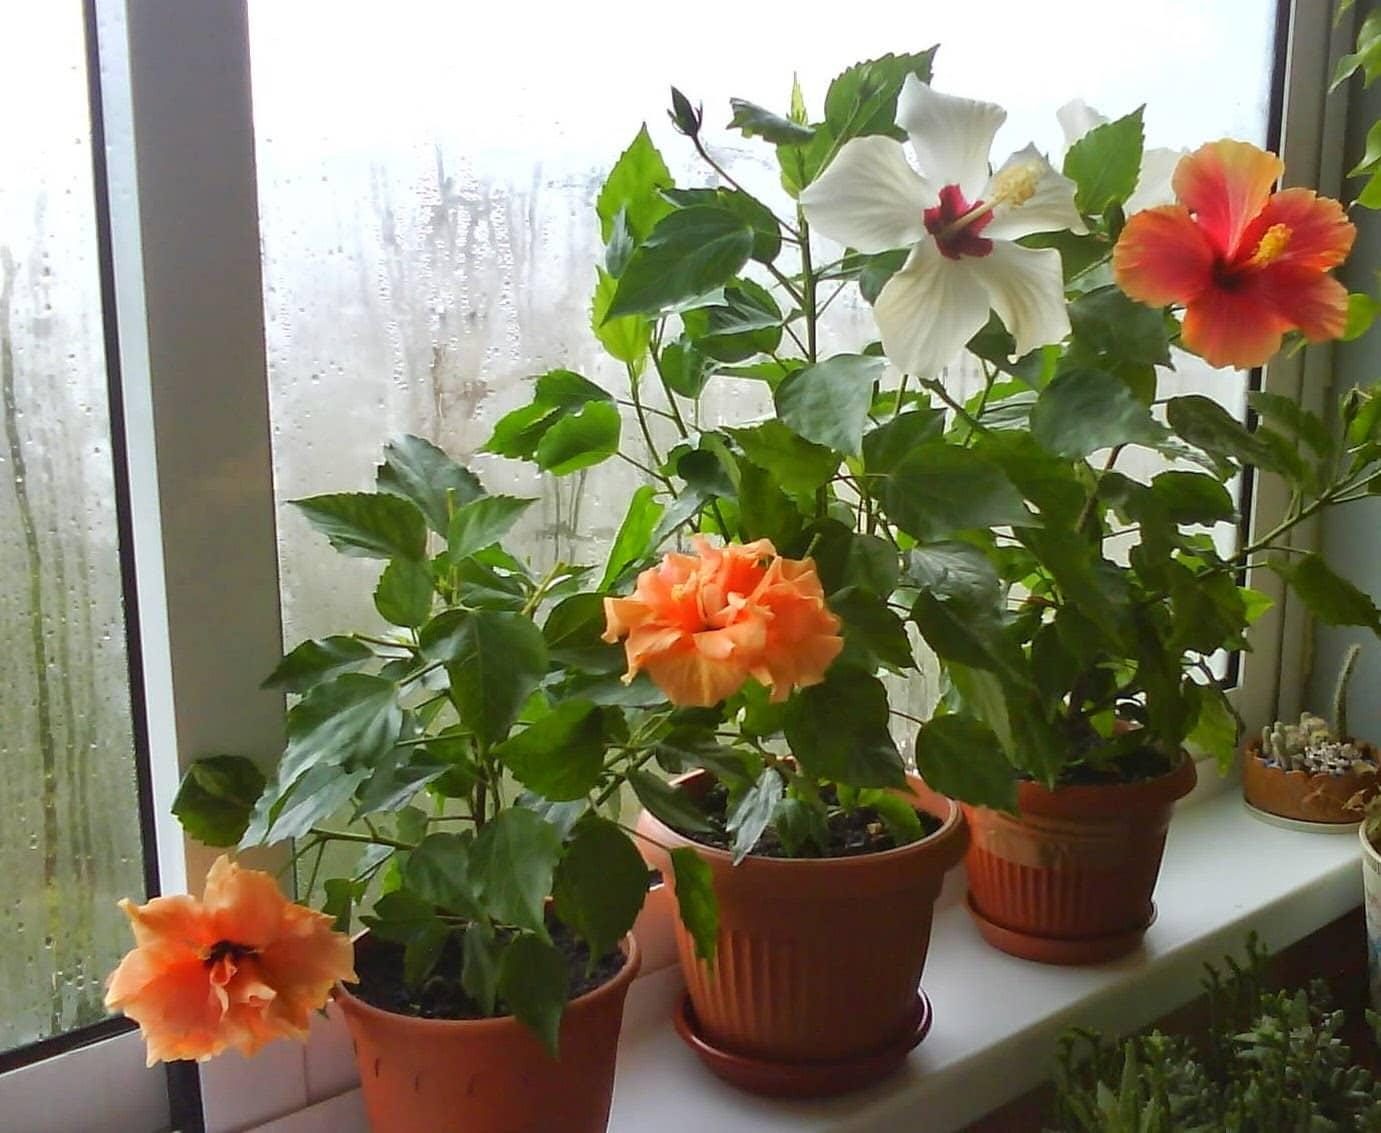 Почему не цветет гибискус в домашних условиях: каковы причины, что комнатное растение дает только листву, что делать, чтобы были бутоны, как заставить распуститься?